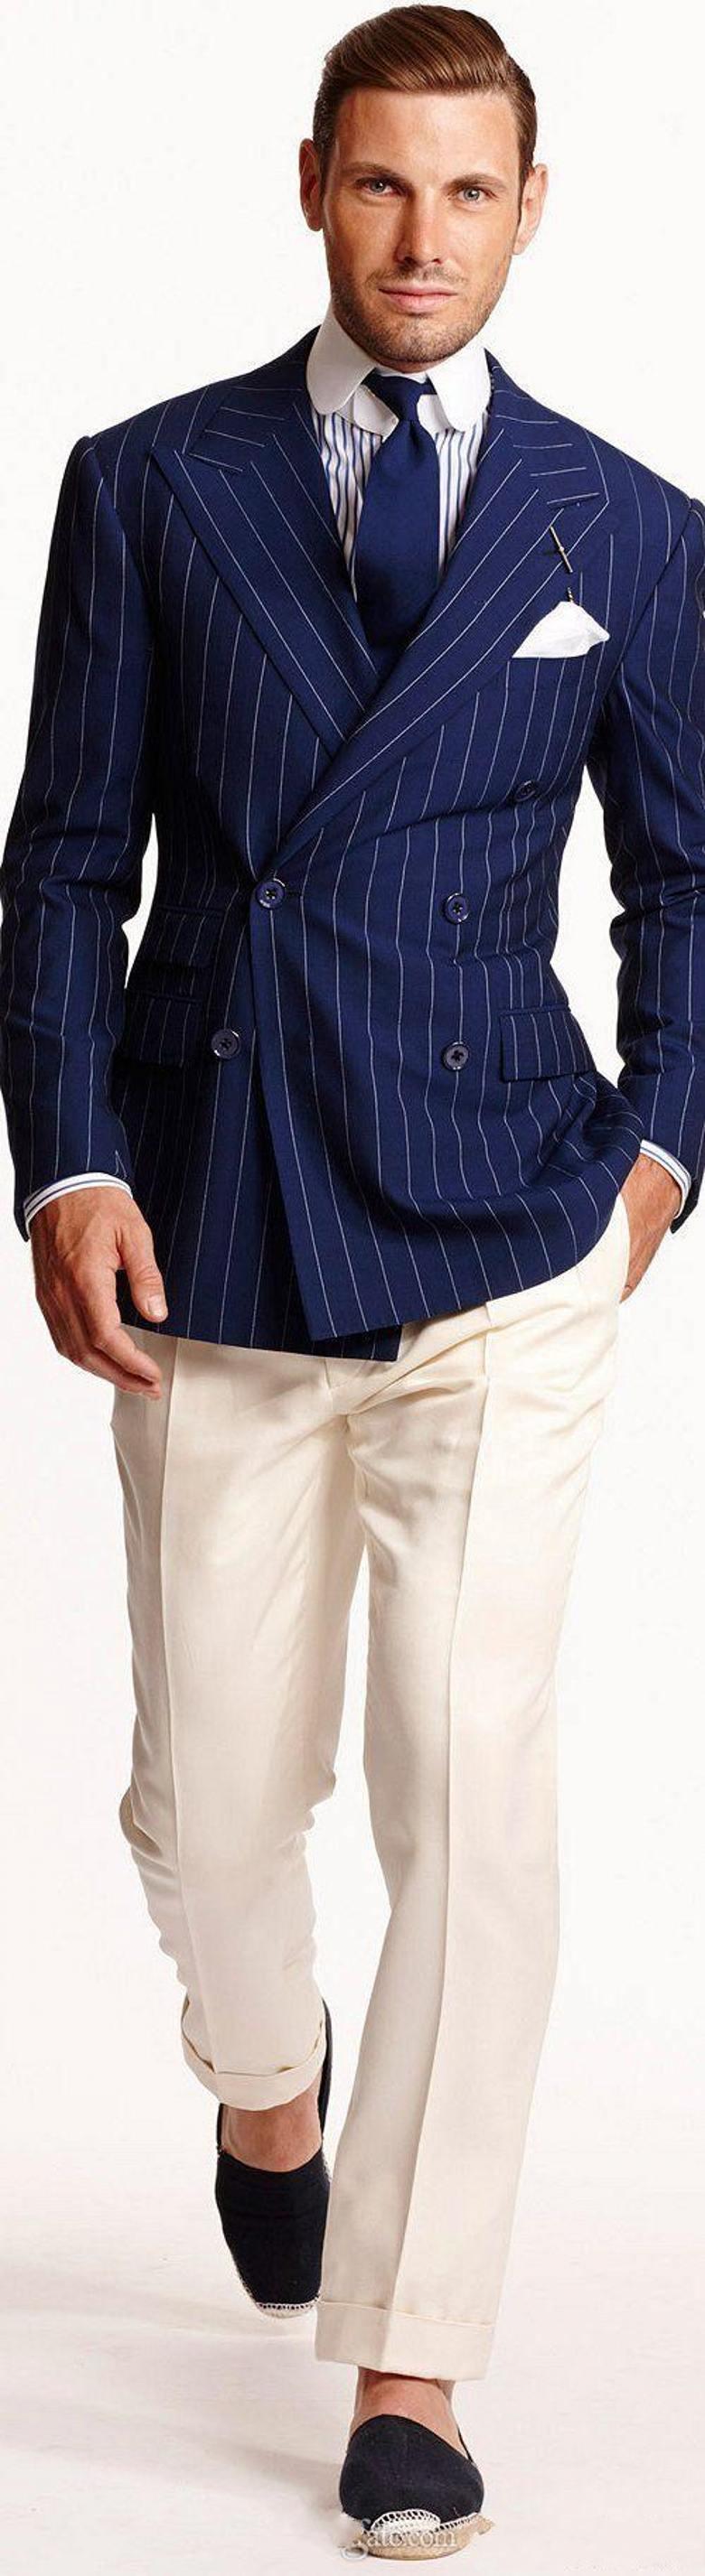 Neue populäre zweireihige blauer Streifen Hochzeit Männer Anzüge Spitze Revers Zwei Stücke Business-Bräutigam-Smoking (Jacket + Pants + Tie) W1238